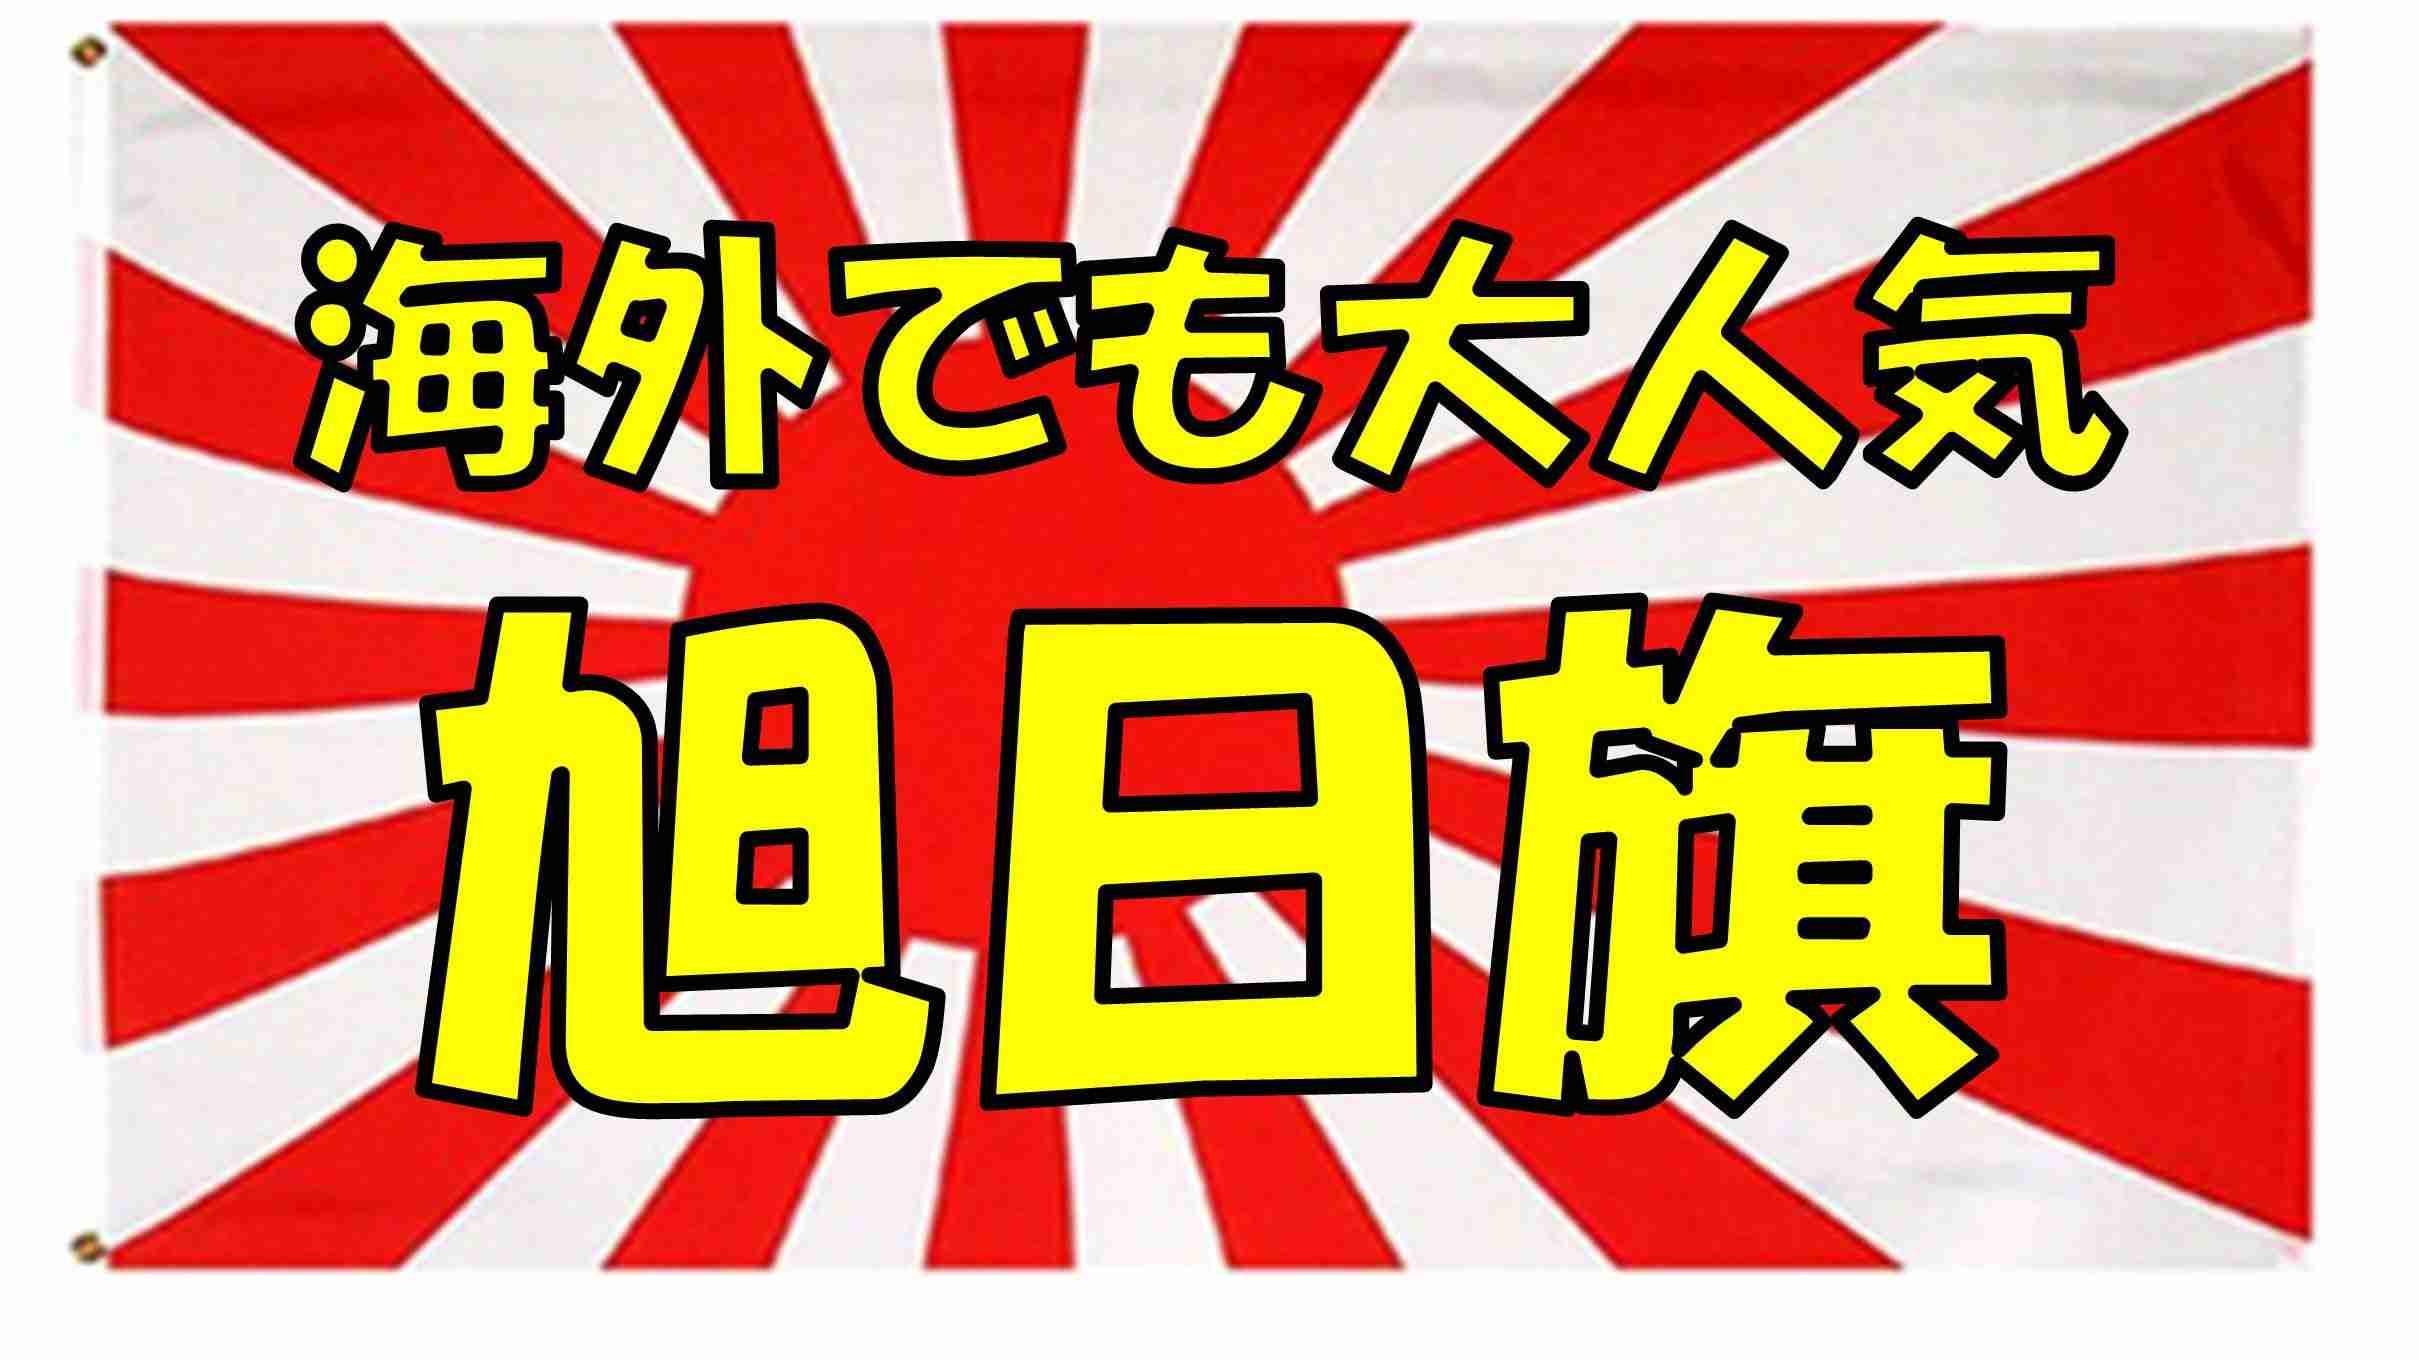 マエケンこと前田健太投手、「旭日旗」インスタで炎上  韓国ネットで批判殺到、投稿を削除